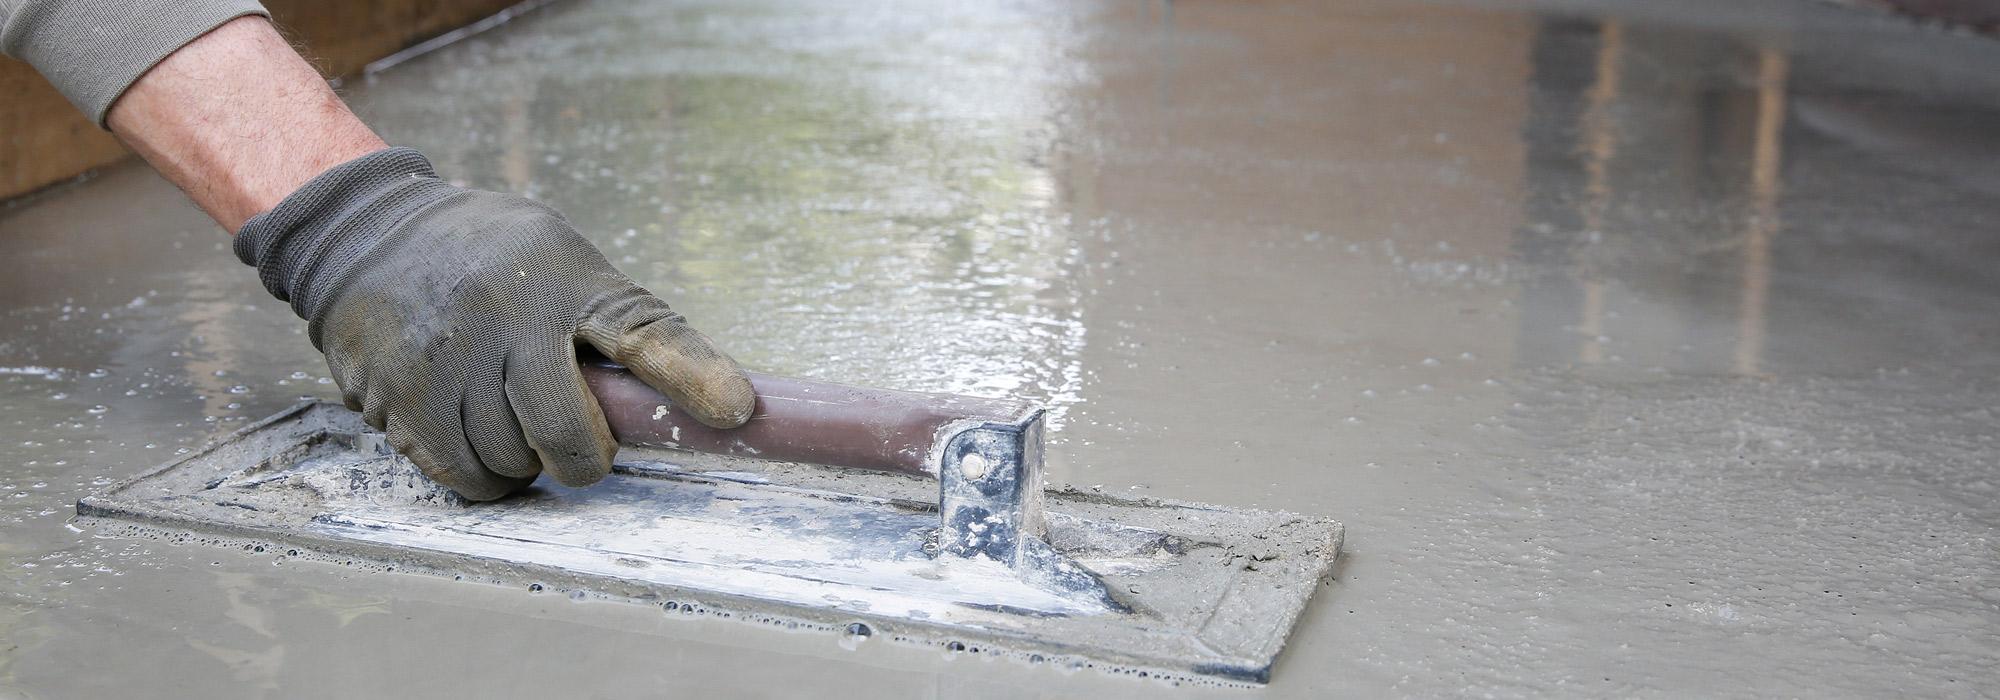 Железнение бетона как способ укрепления цементных покрытий